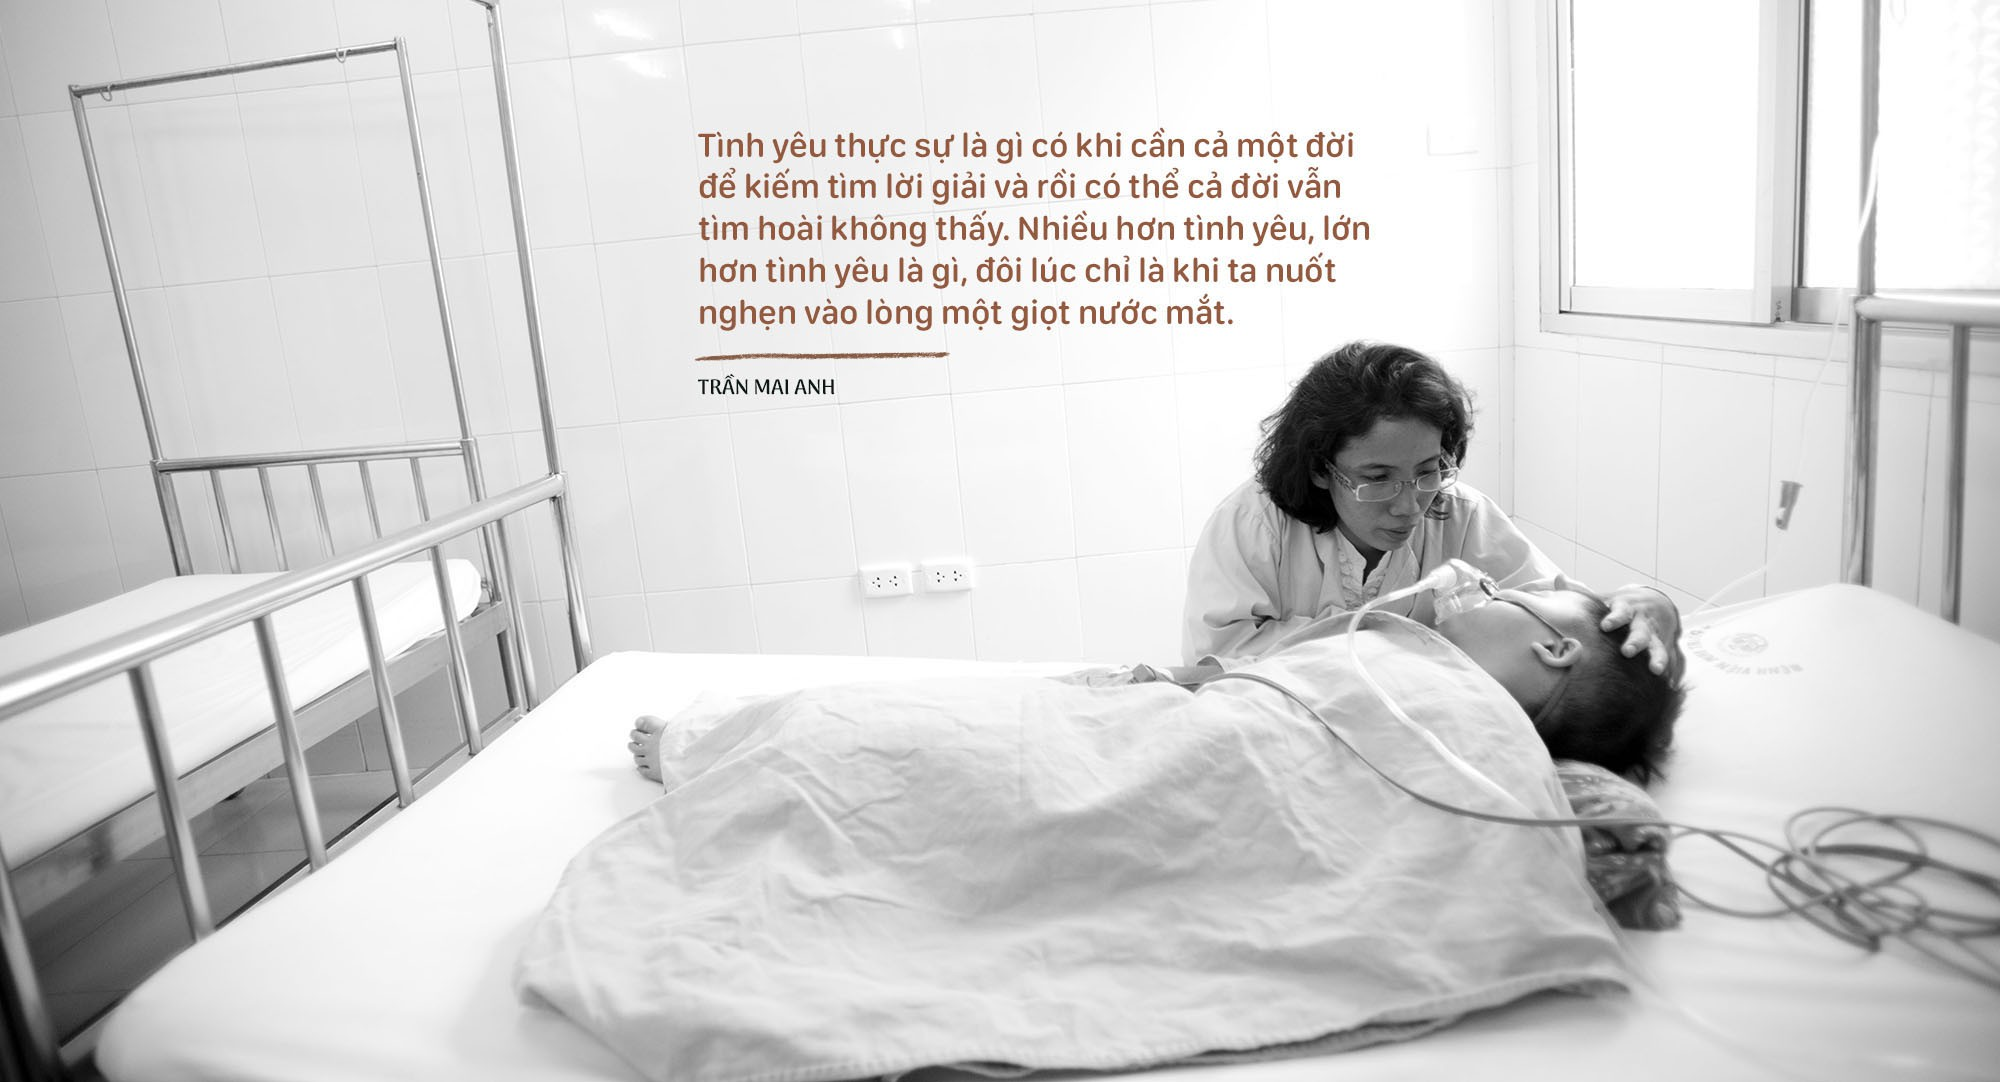 Nhà báo Trần Mai Anh: Nỗi đau, nước mắt, oan ức, bình an và tình yêu vô điều kiện của Thiện Nhân - Ảnh 28.